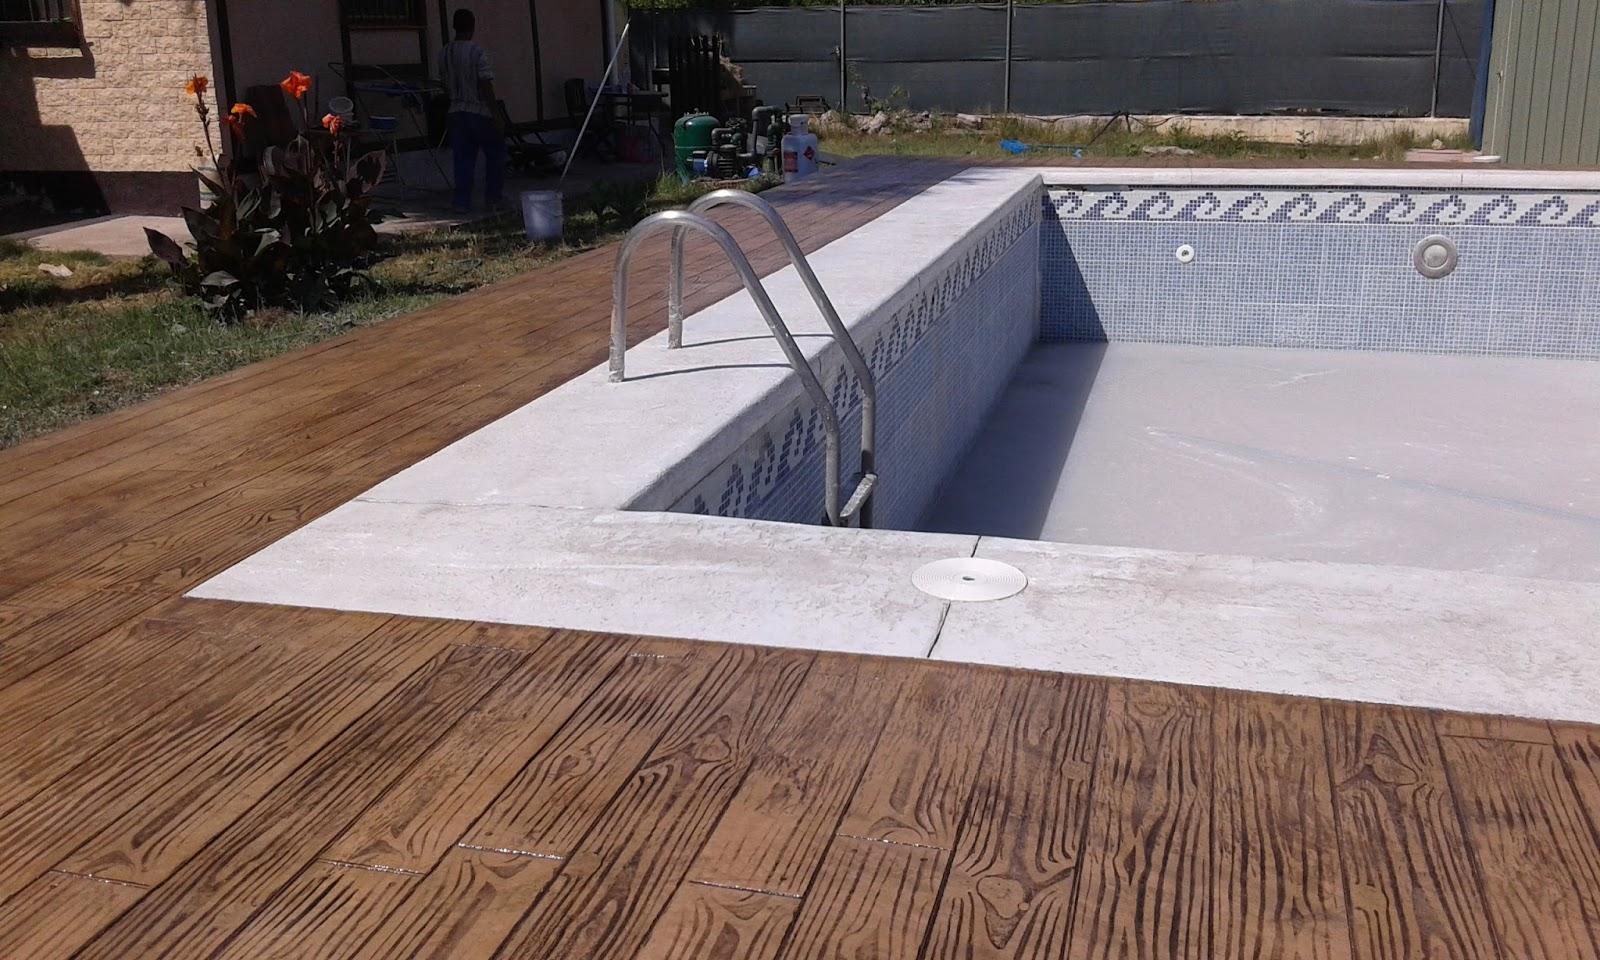 Pavimentos continuos de hormig n hormig n impreso for Coronacion de piscinas